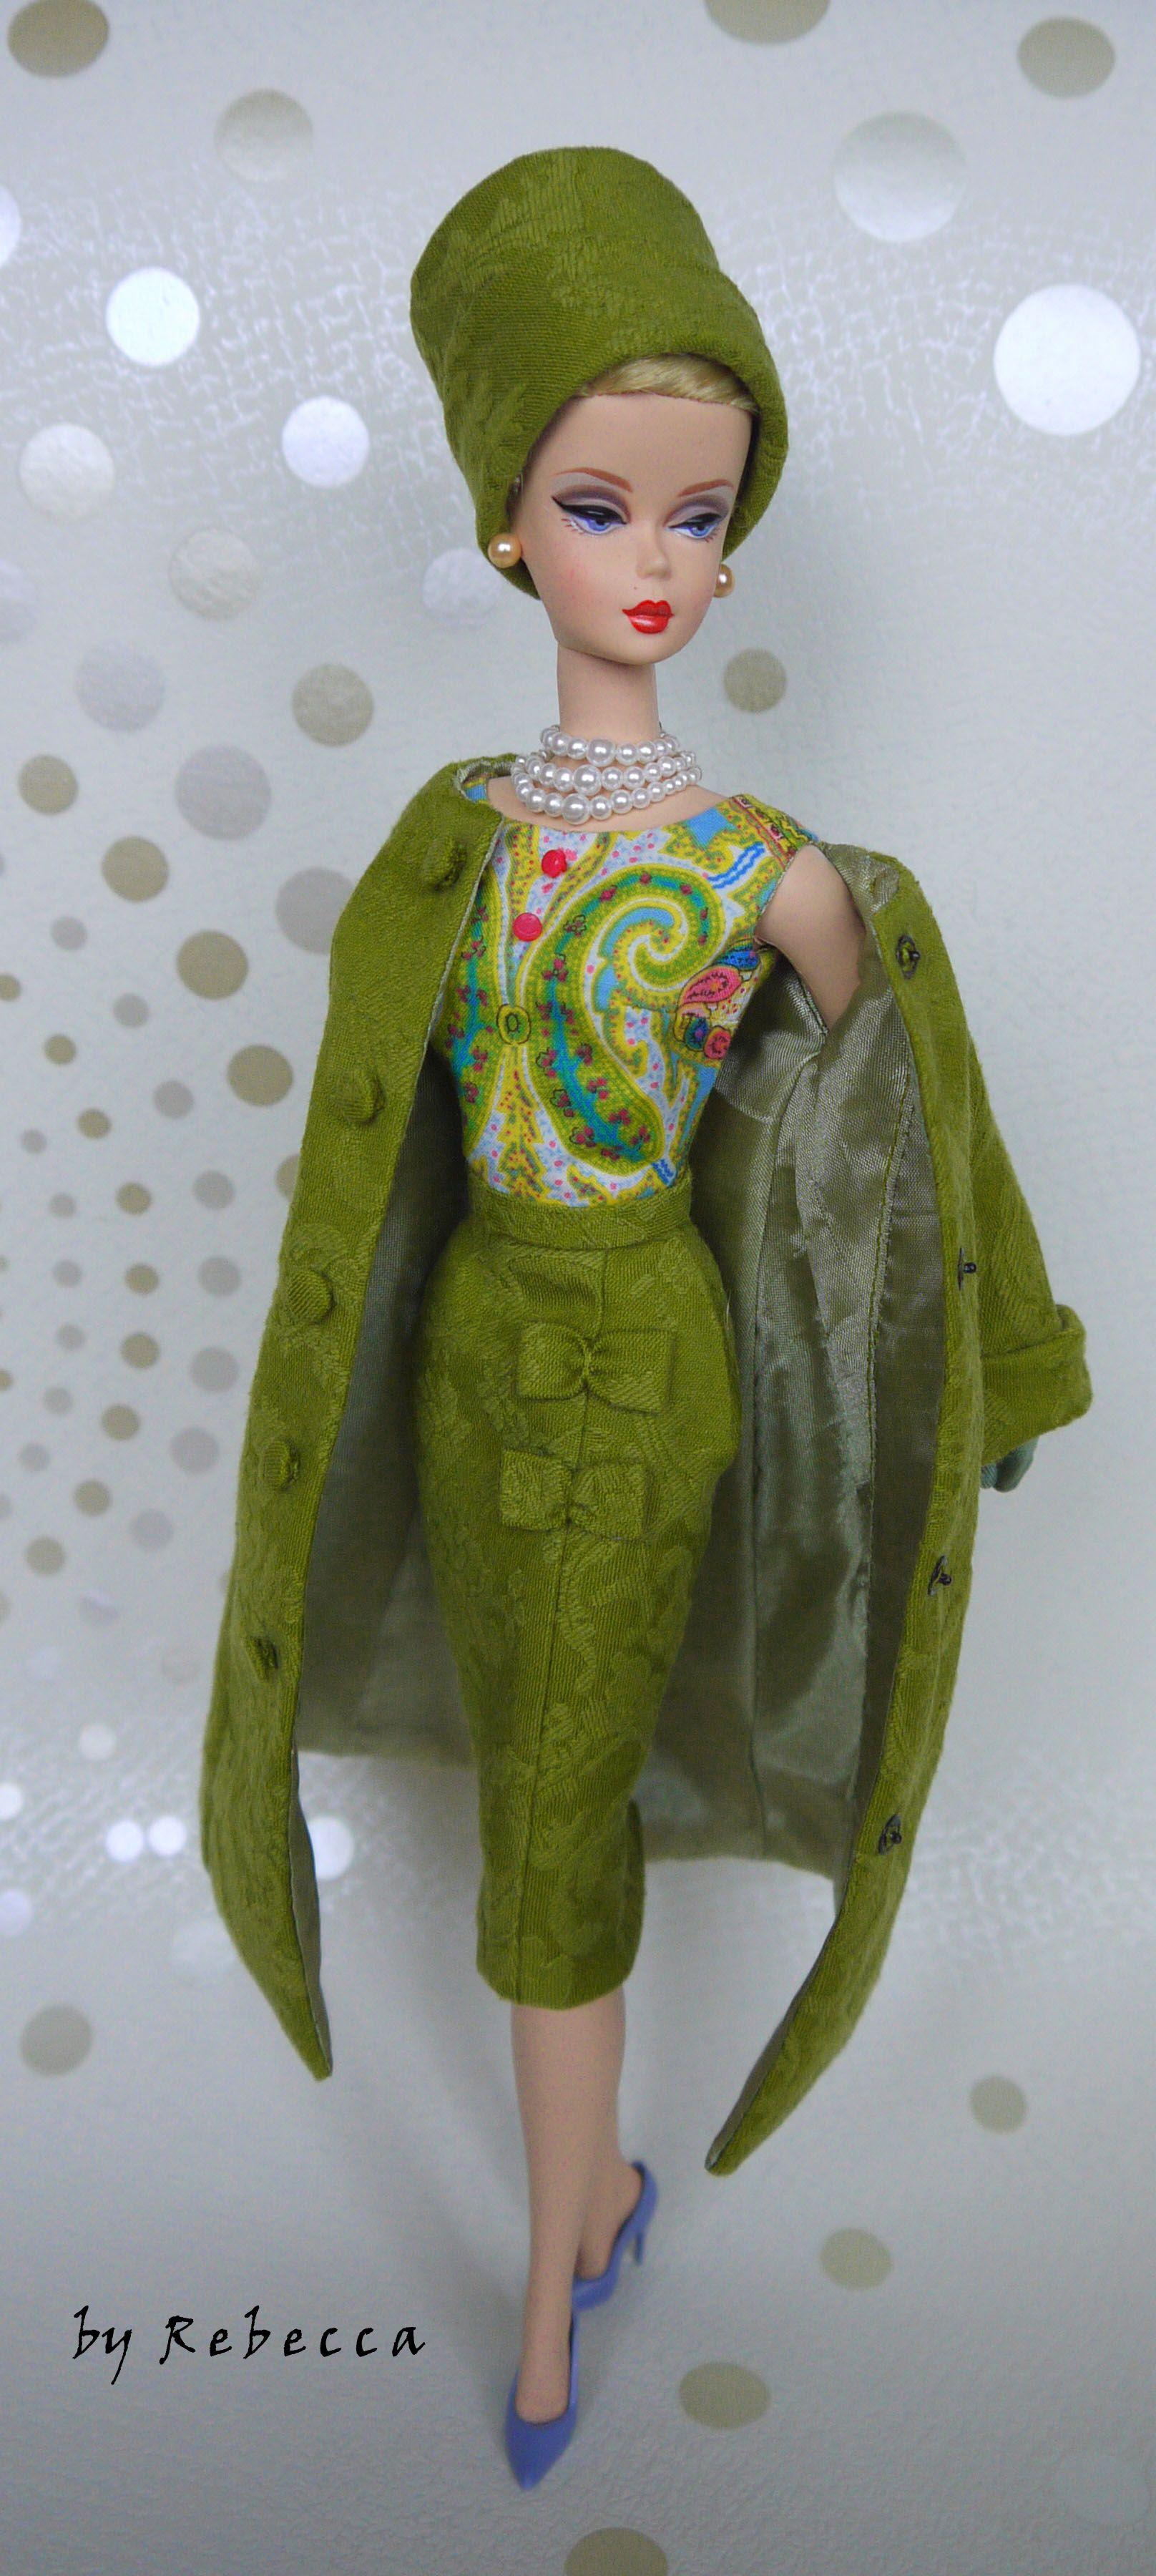 au2110 | Green outfits | Pinterest | Puppen und Kleider